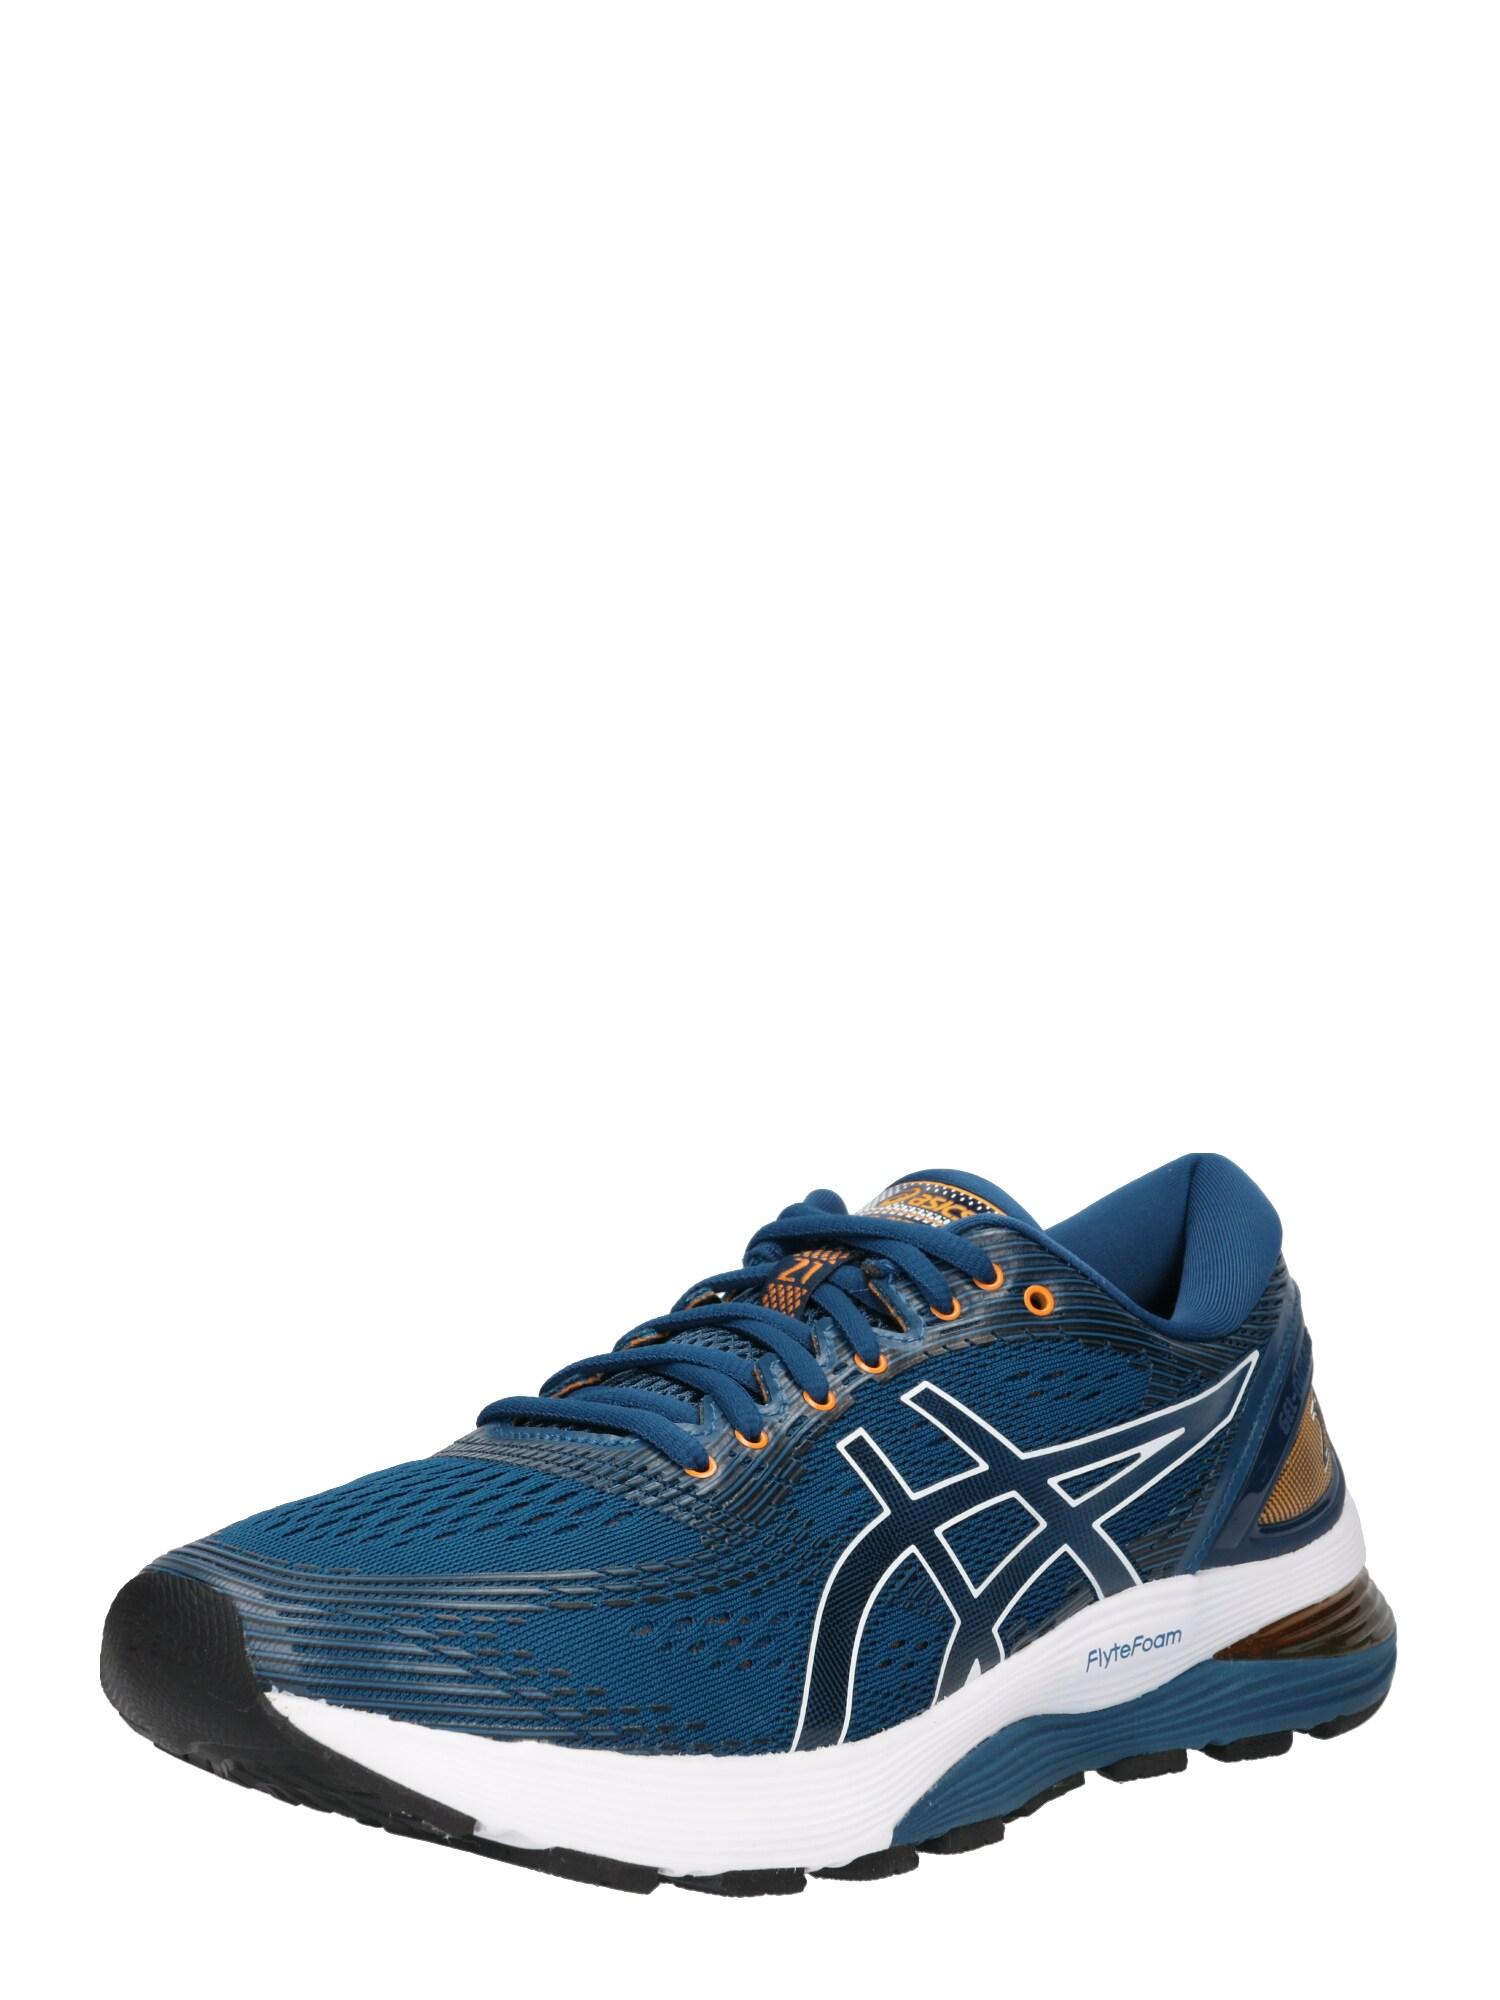 Běžecká obuv Gel-Nimbus 21 modrá oranžová ASICS